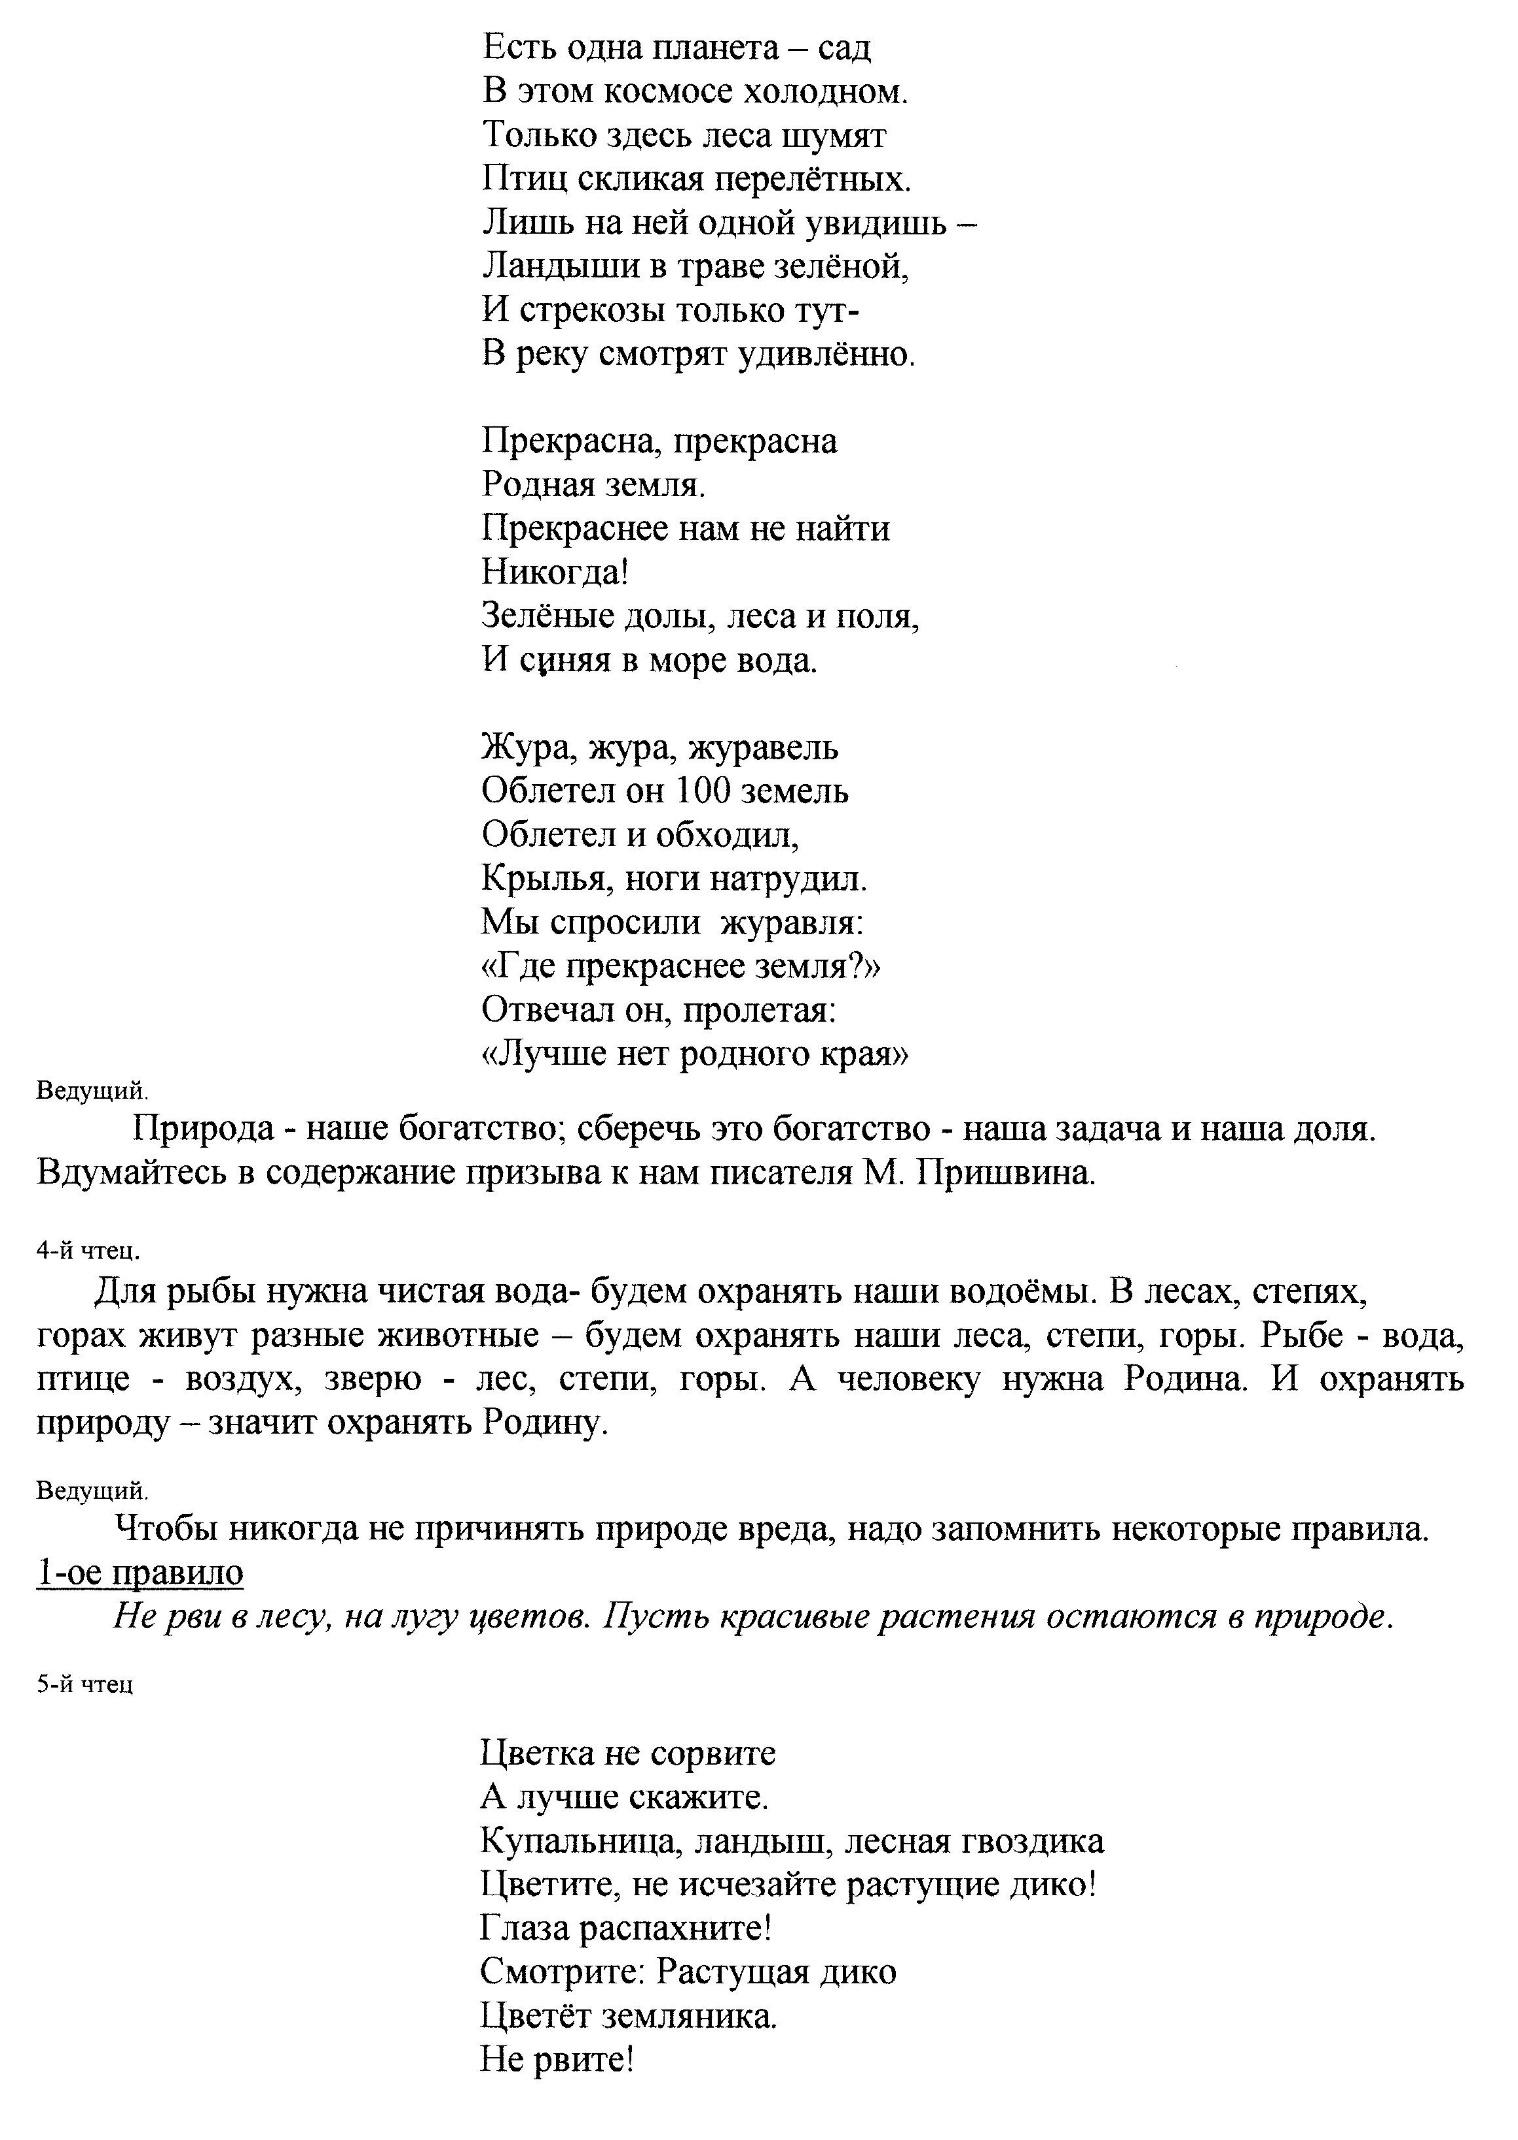 C:\Users\ЛАРИСА\Documents\Scanned Documents\Рисунок (156).jpg